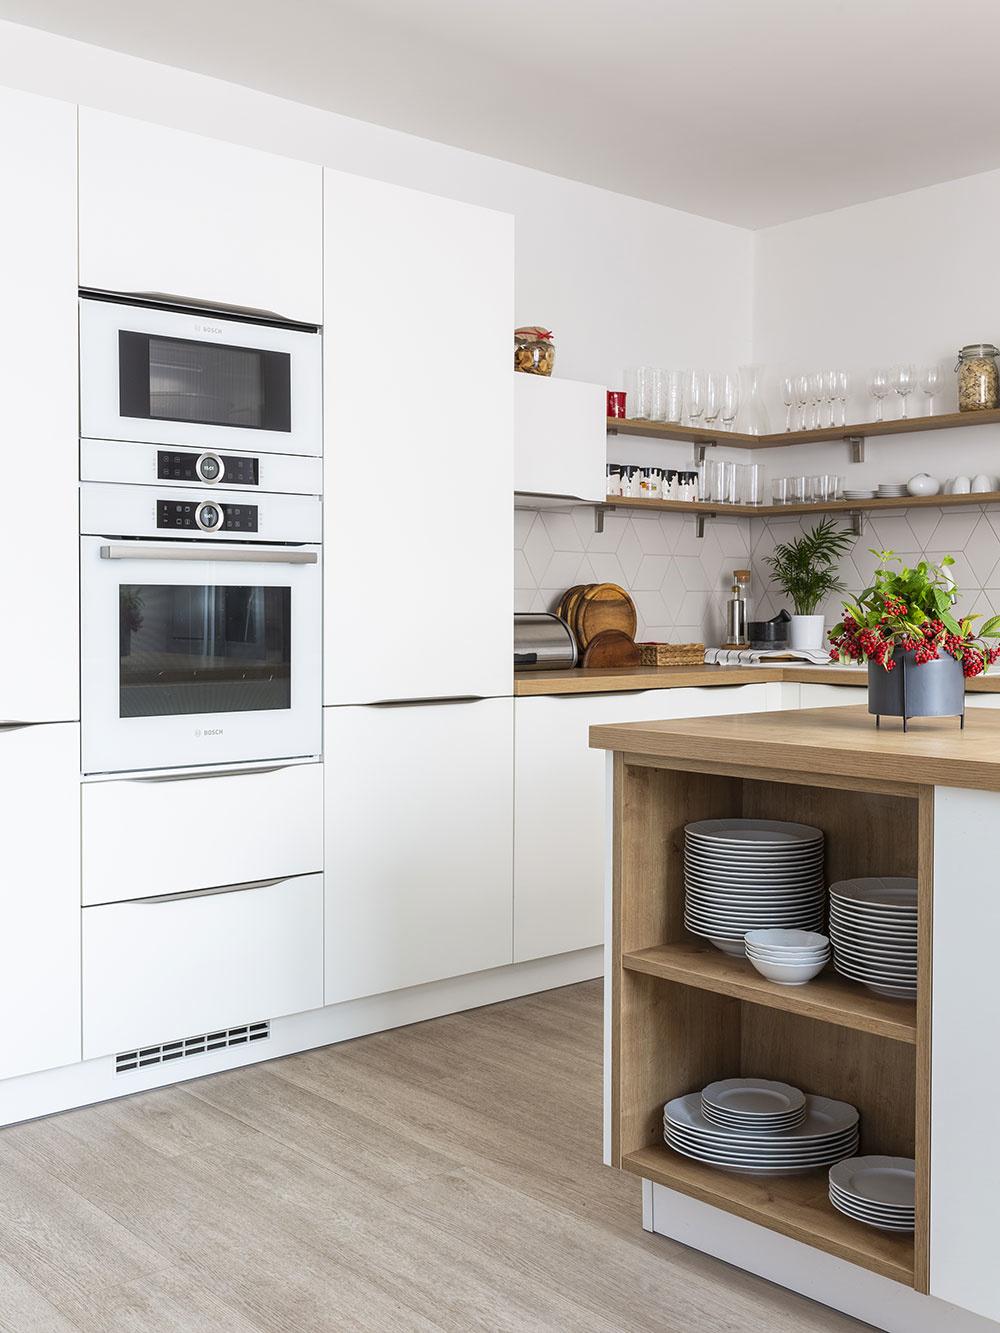 ŠPAJZA JE UKRYTÁ vo vysokej skrini svýsuvným otočným systémom, ktorý je mimoriadne prehľadný apraktický. Kuchynský ostrov je zjednej strany otvorený. Domáca má vpoliciach bežne používaný riad na servírovanie, čo je tiež veľmi praktické riešenie.